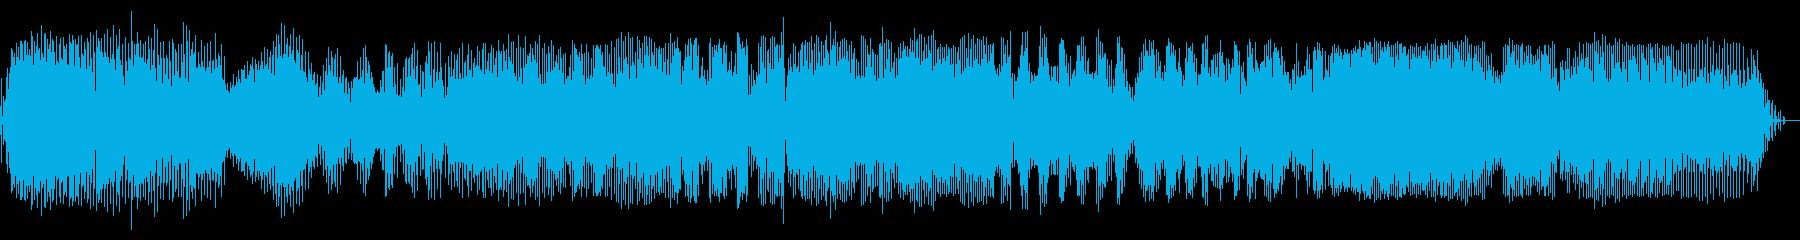 電気泡立て器:起動、さまざまな速度...の再生済みの波形